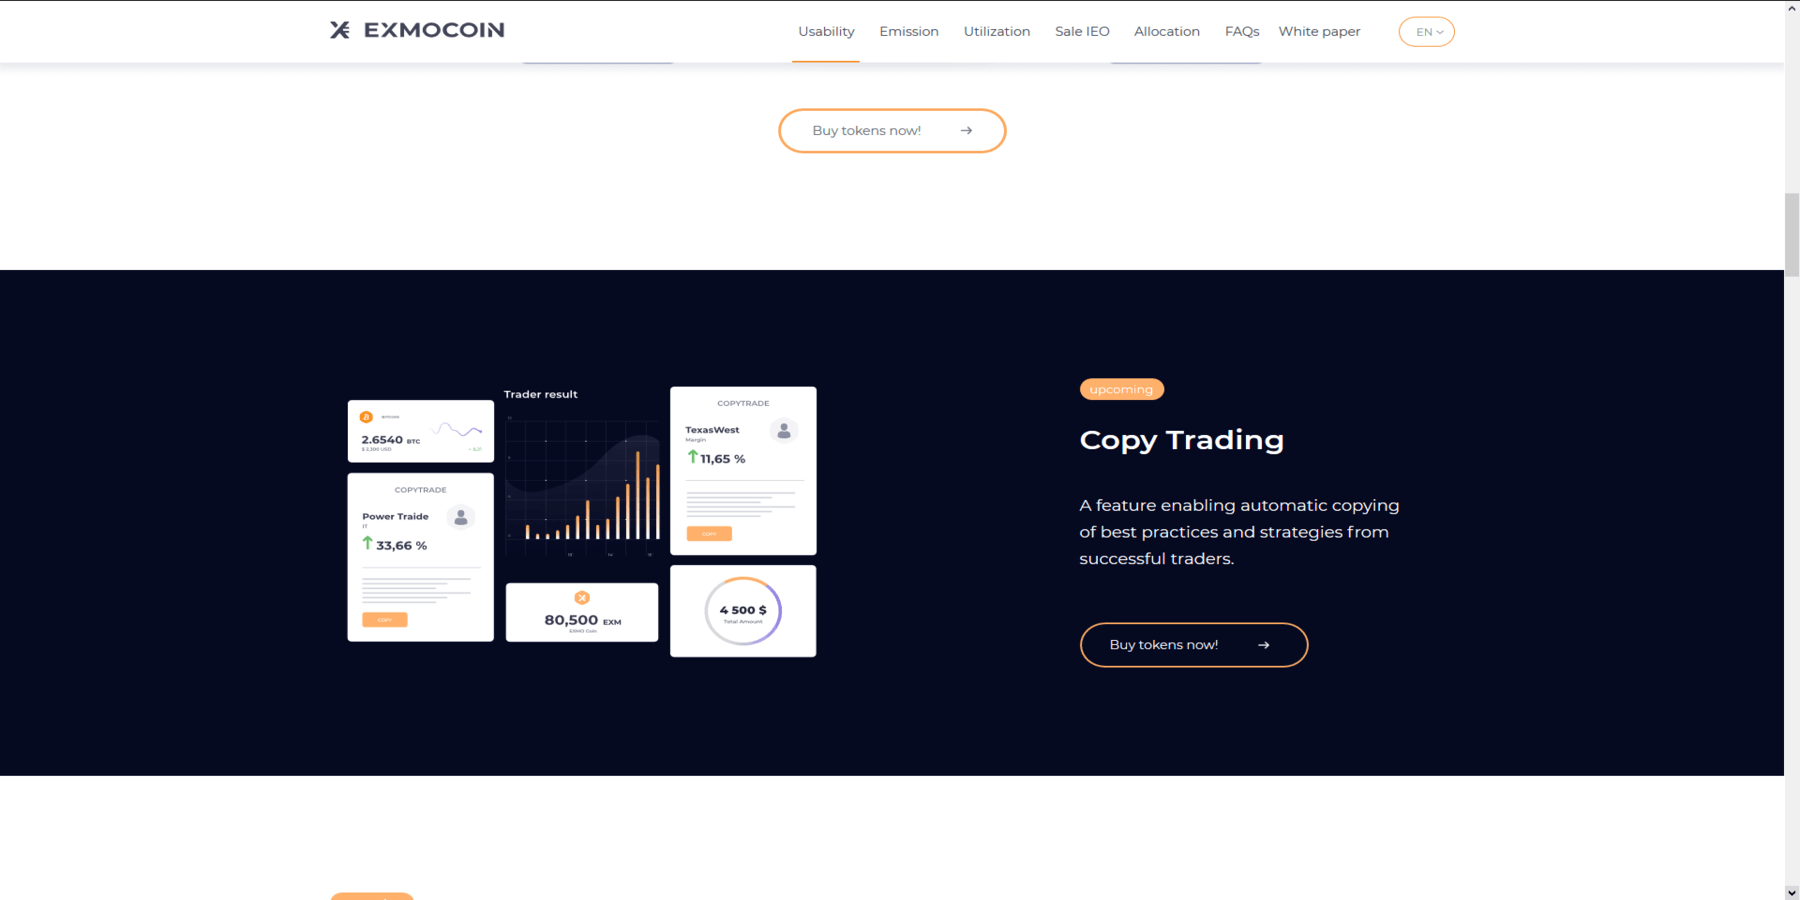 Exmo coin copy trading